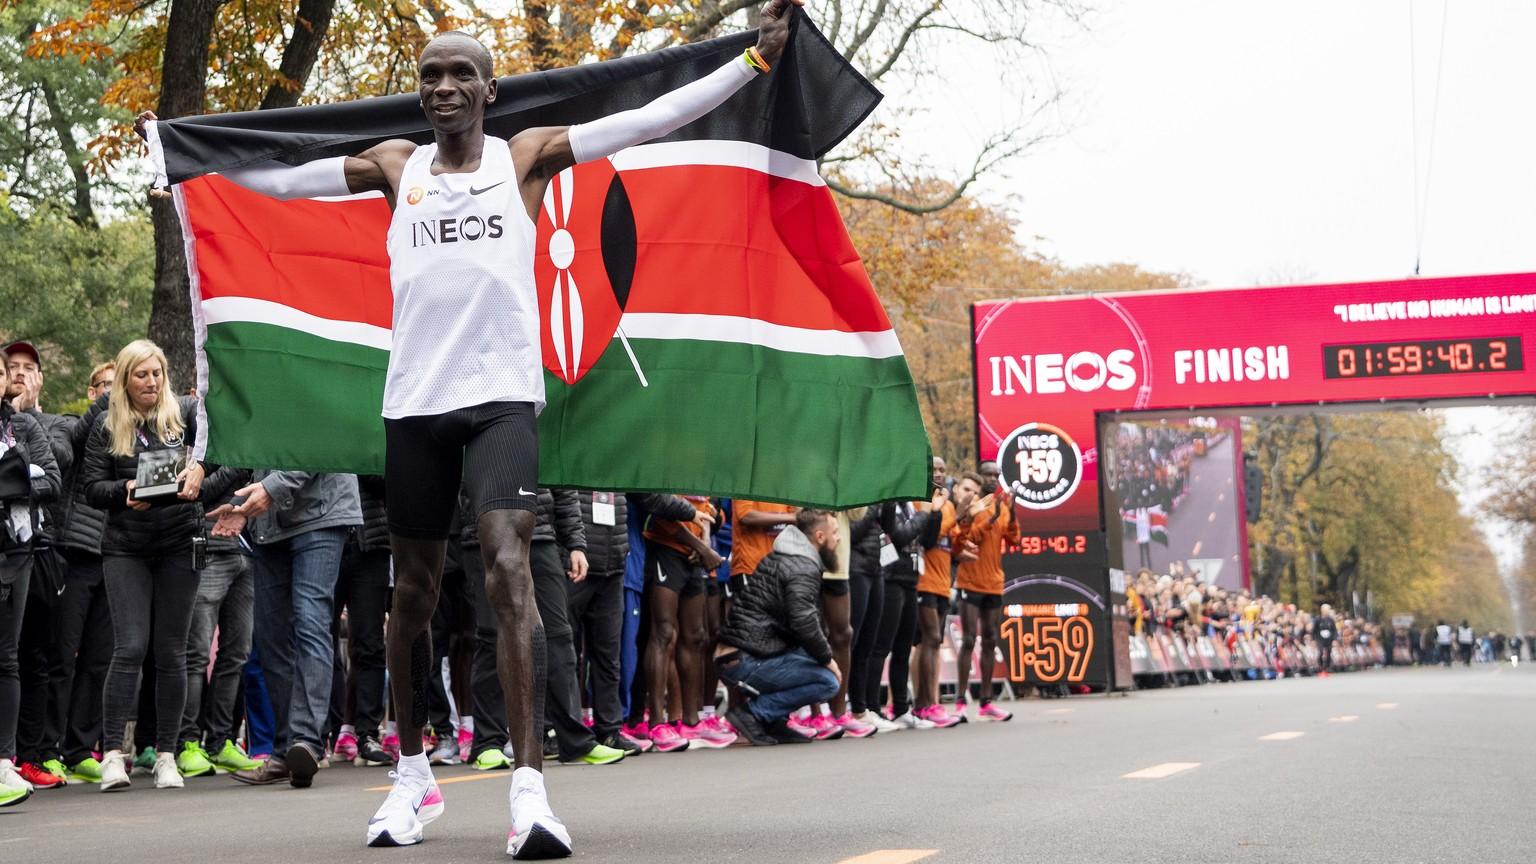 Leichtathletik nimmt von Vaporfly Weltverband Nike genau Jc1lFKT3